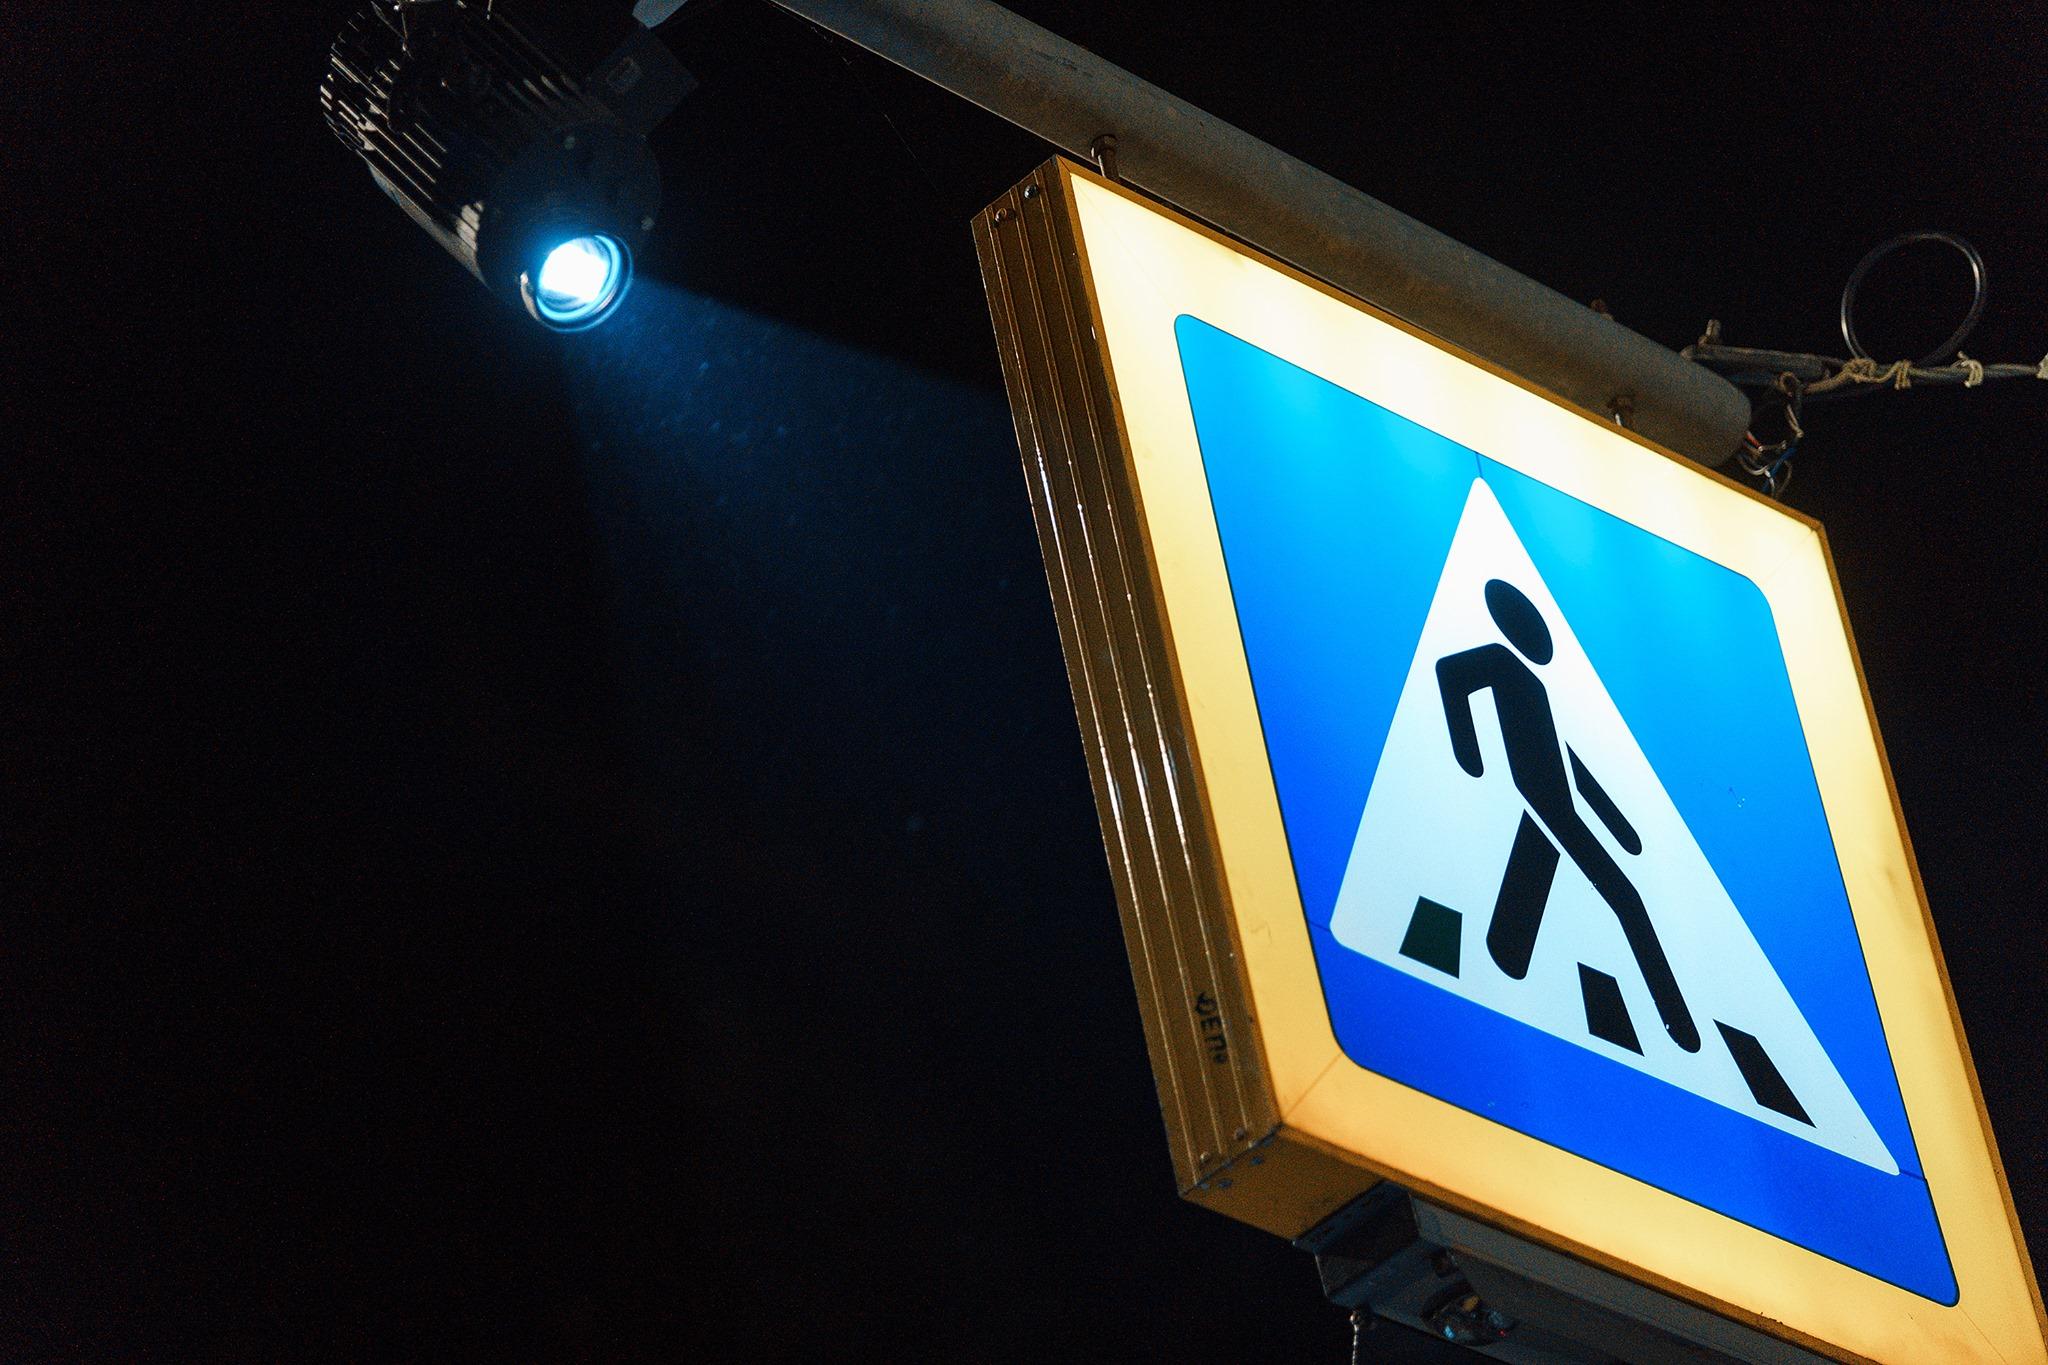 Как выглядит проекционный пешеходный переход и где в Украине есть такой - фото 2